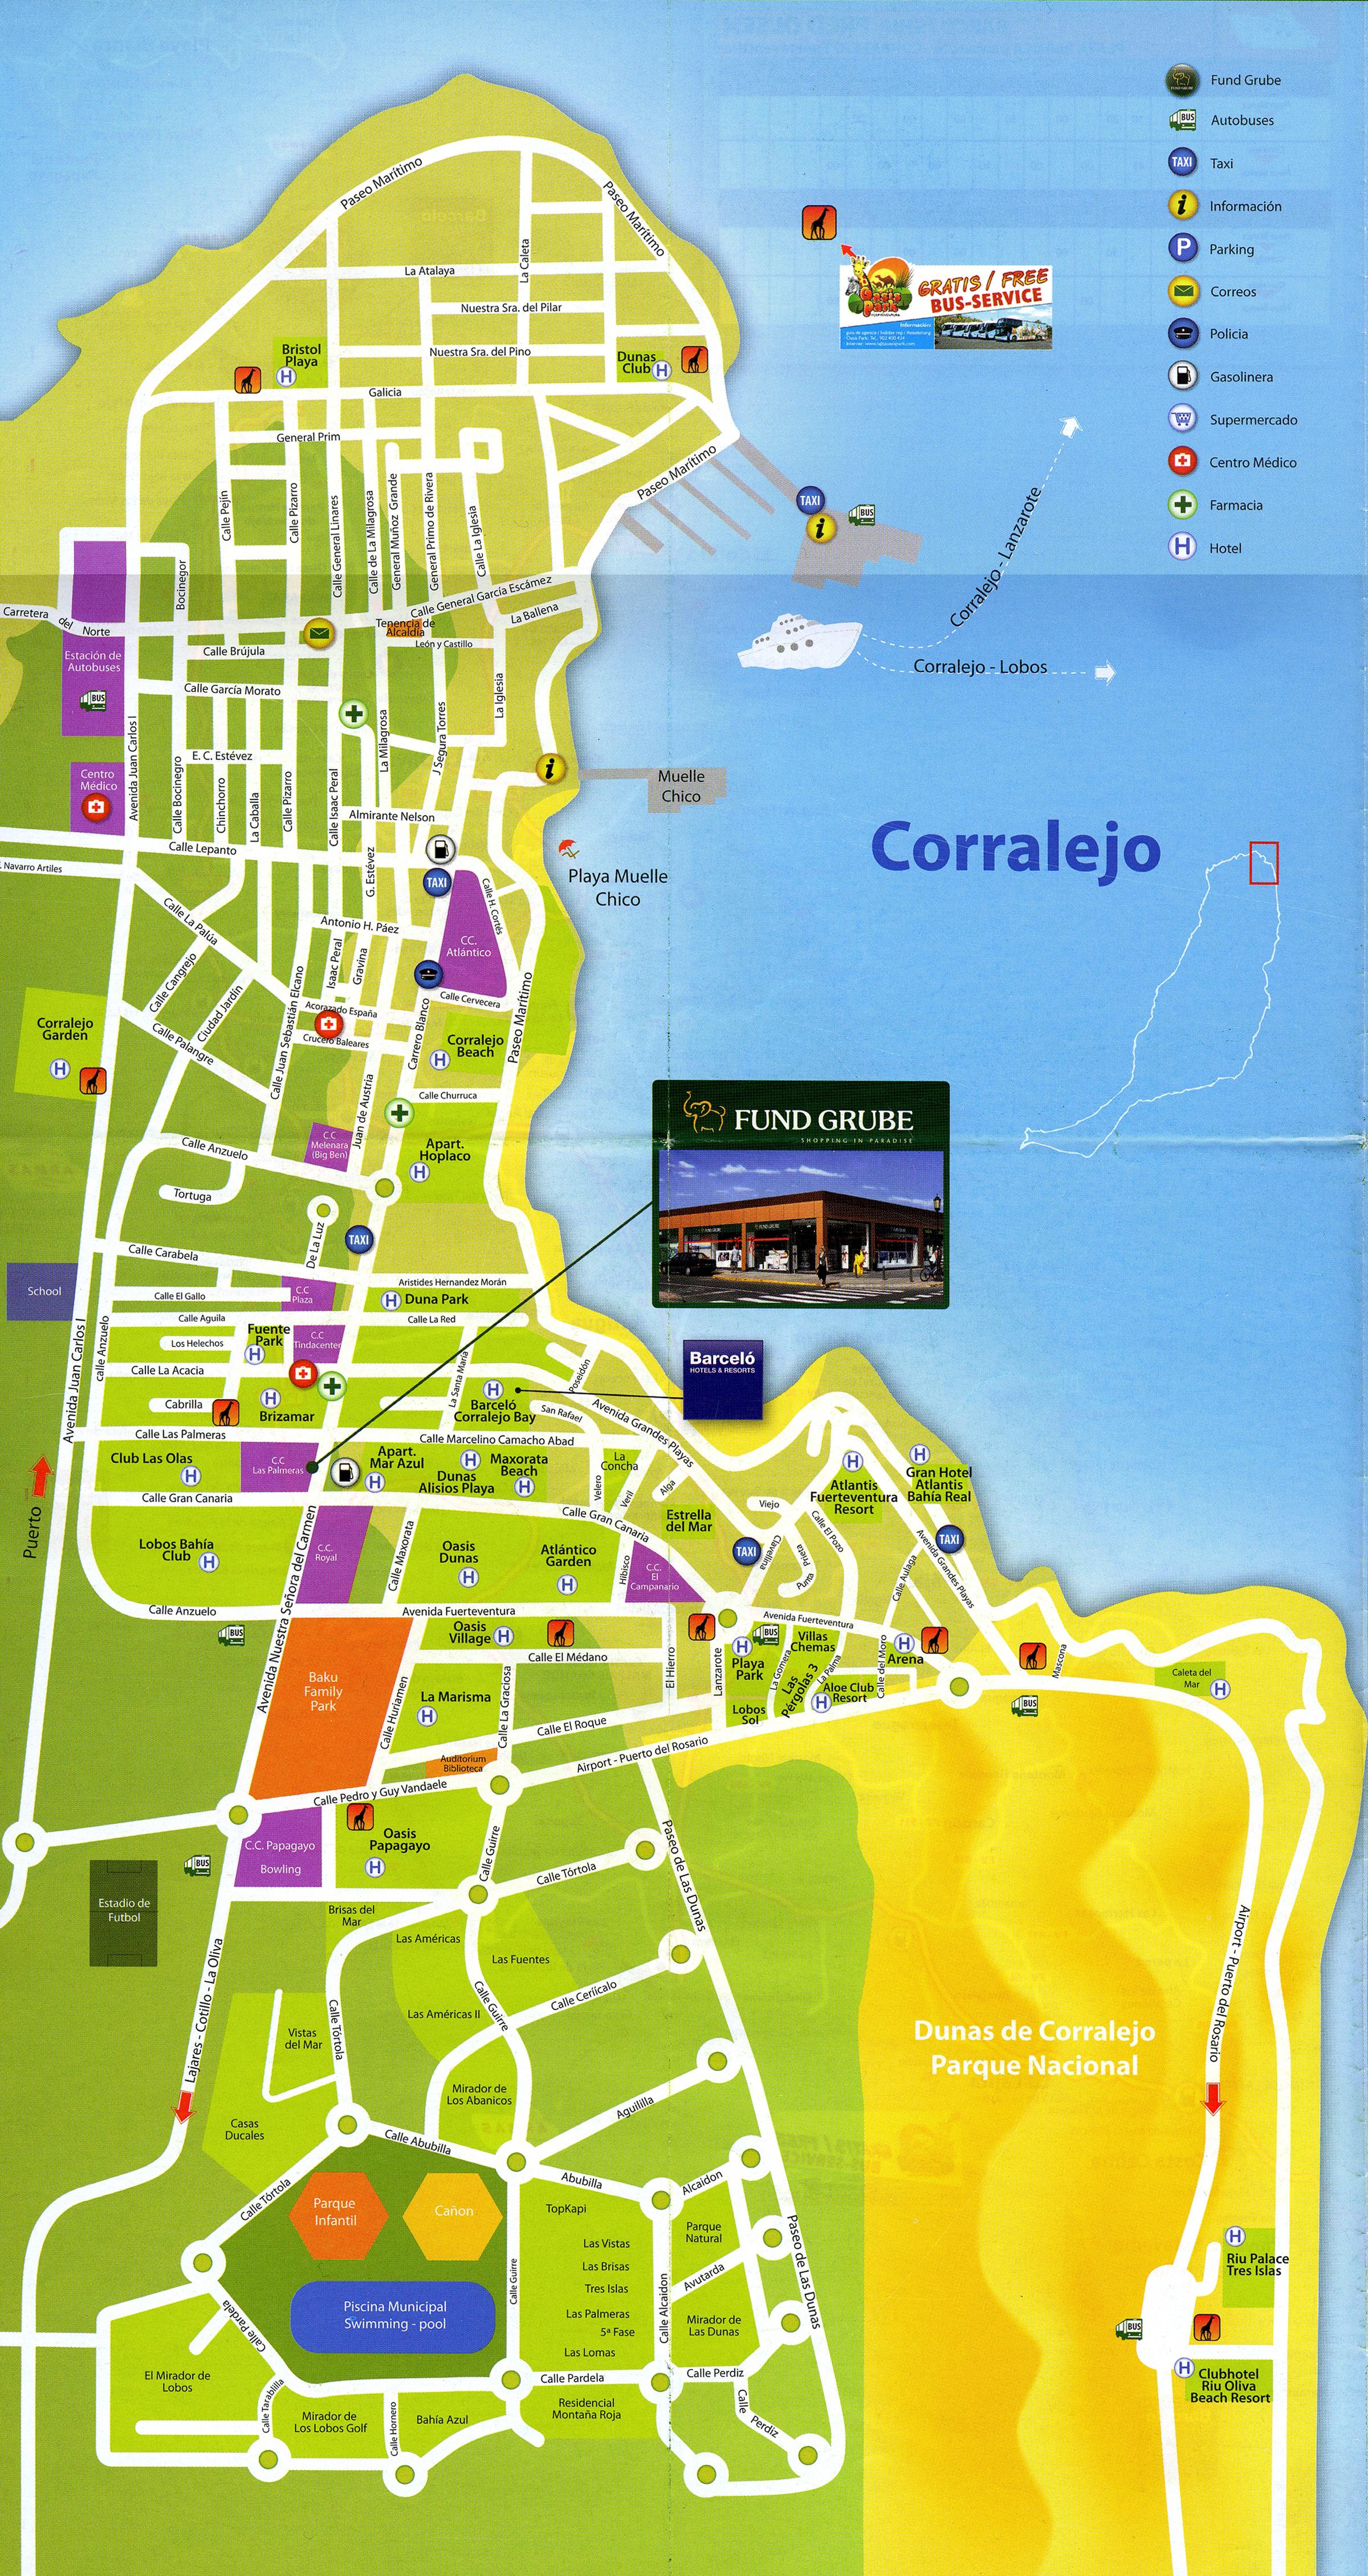 The village of Corralejo in Fuerteventura